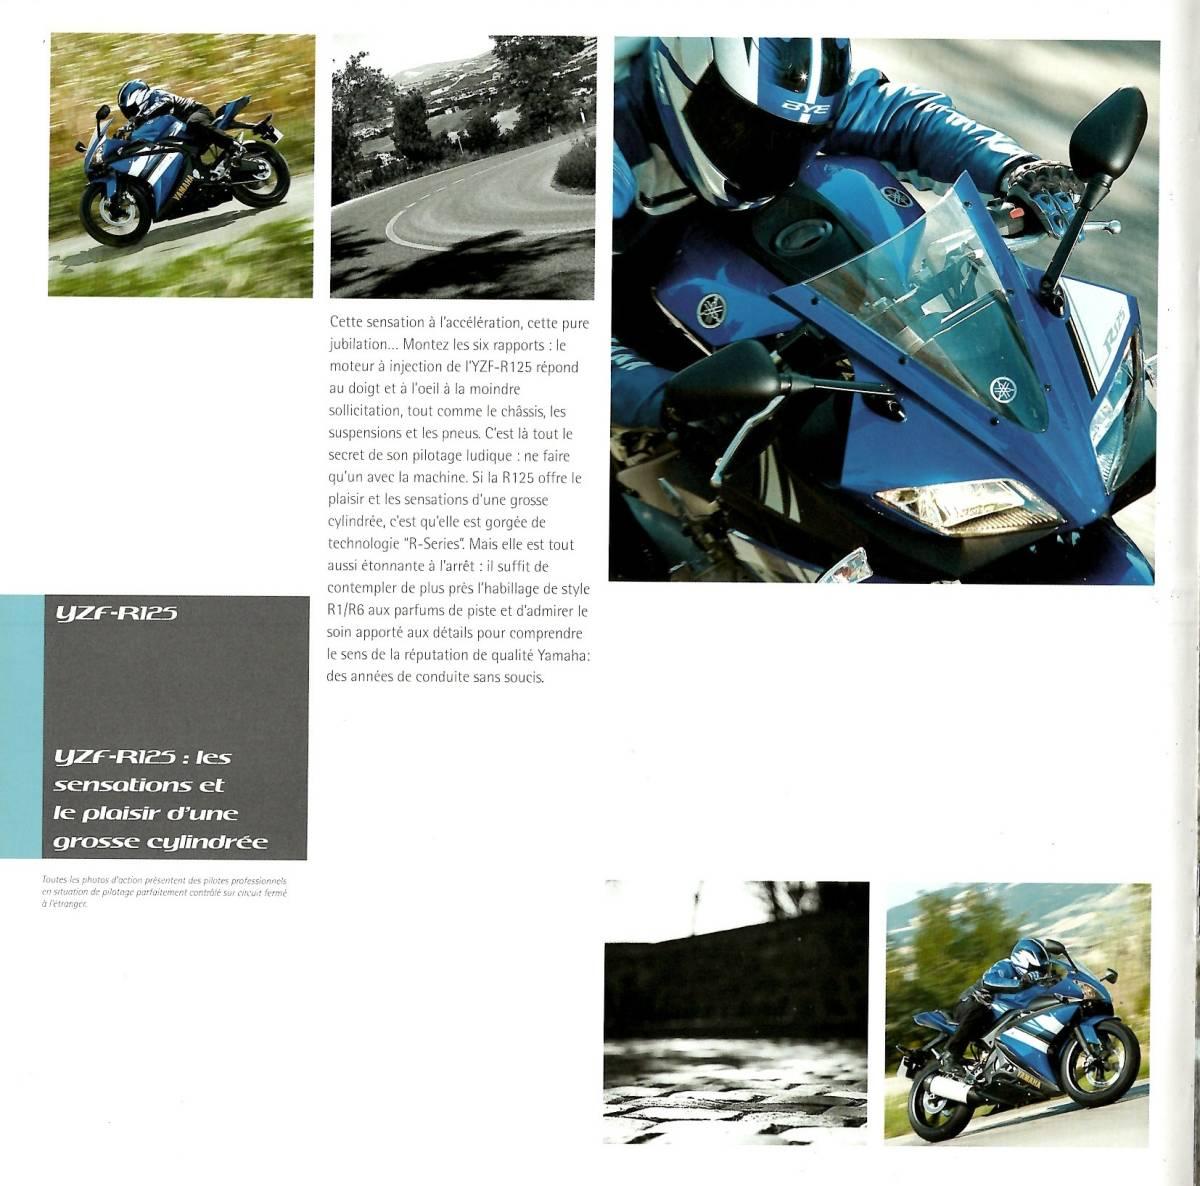 欧州版 ヤマハ 2008年 YZF-R125 カタログ。単品カタログはめったに出ないです。_画像10